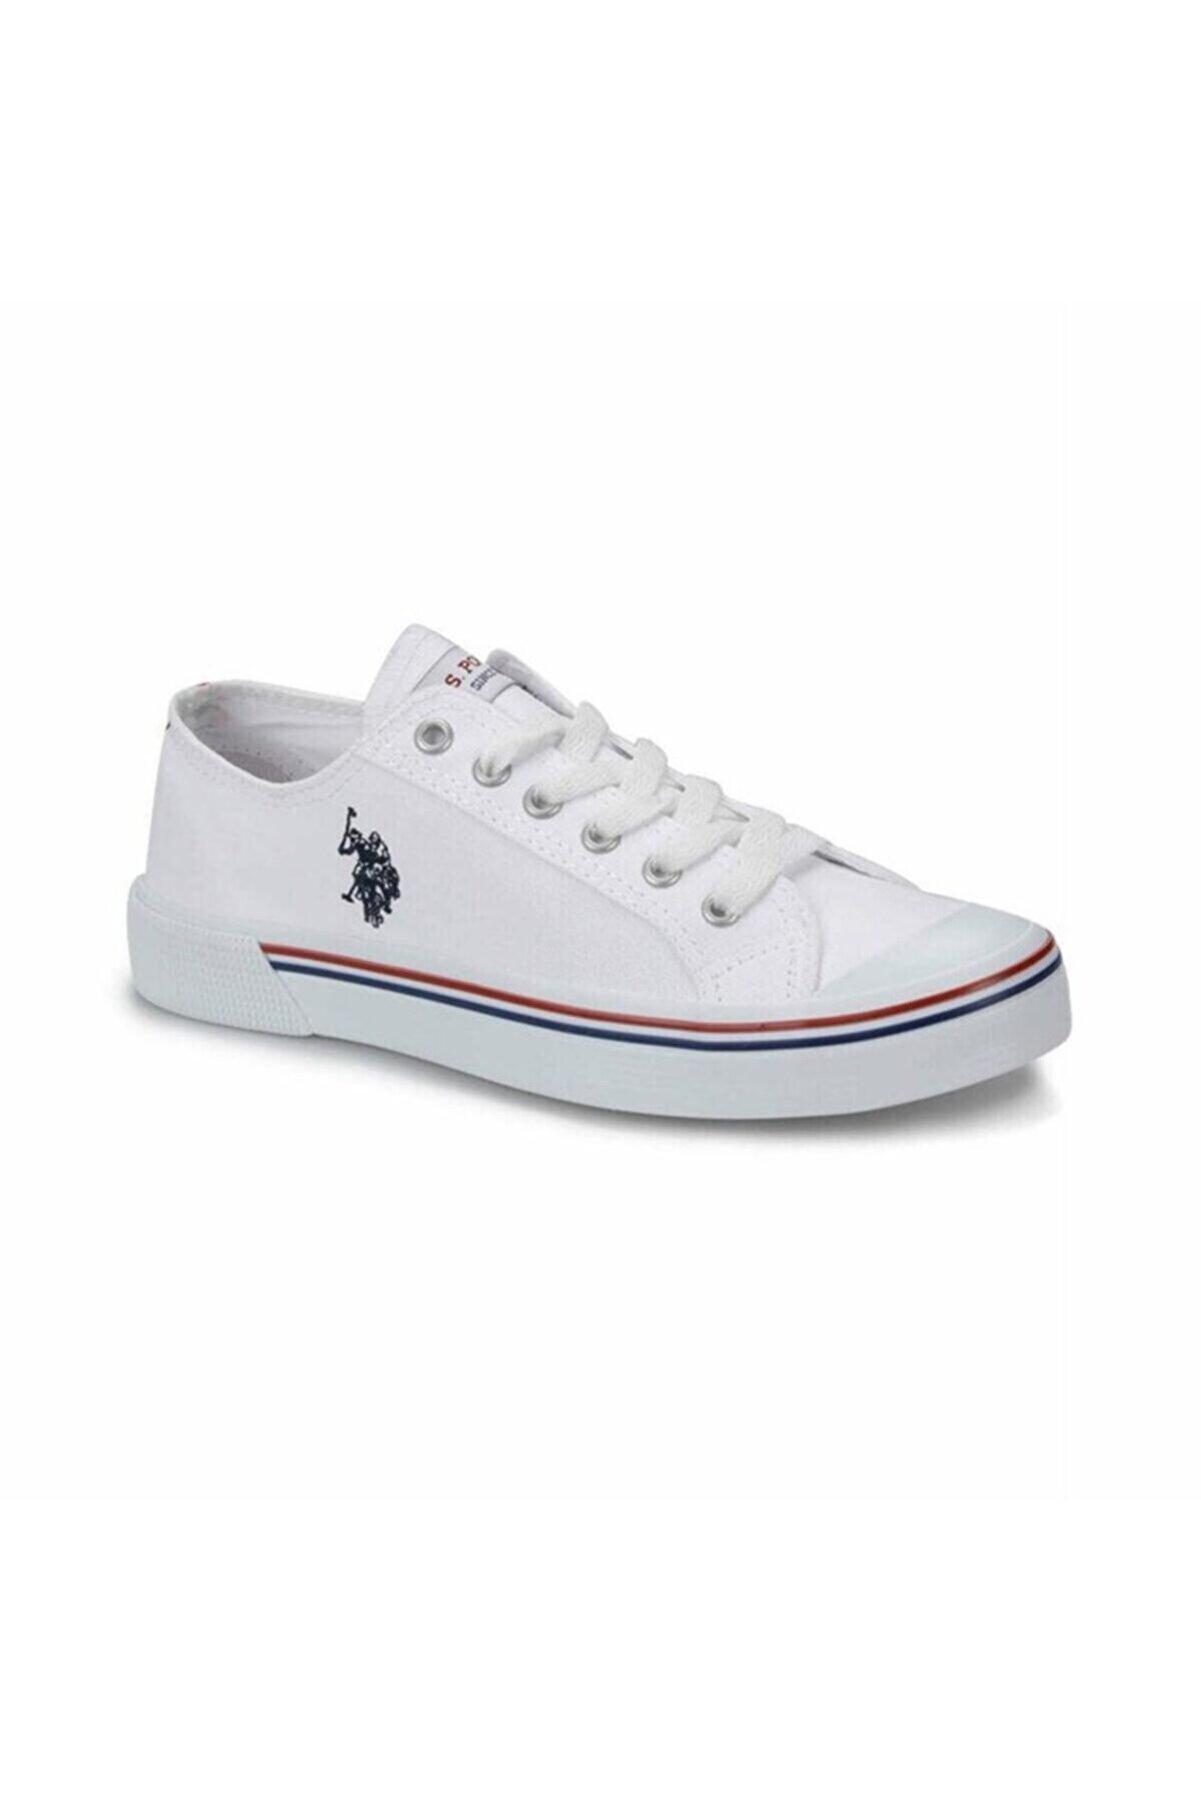 US Polo Assn Penelope 1fx Kadın Beyaz Bez Spor Ayakkabı